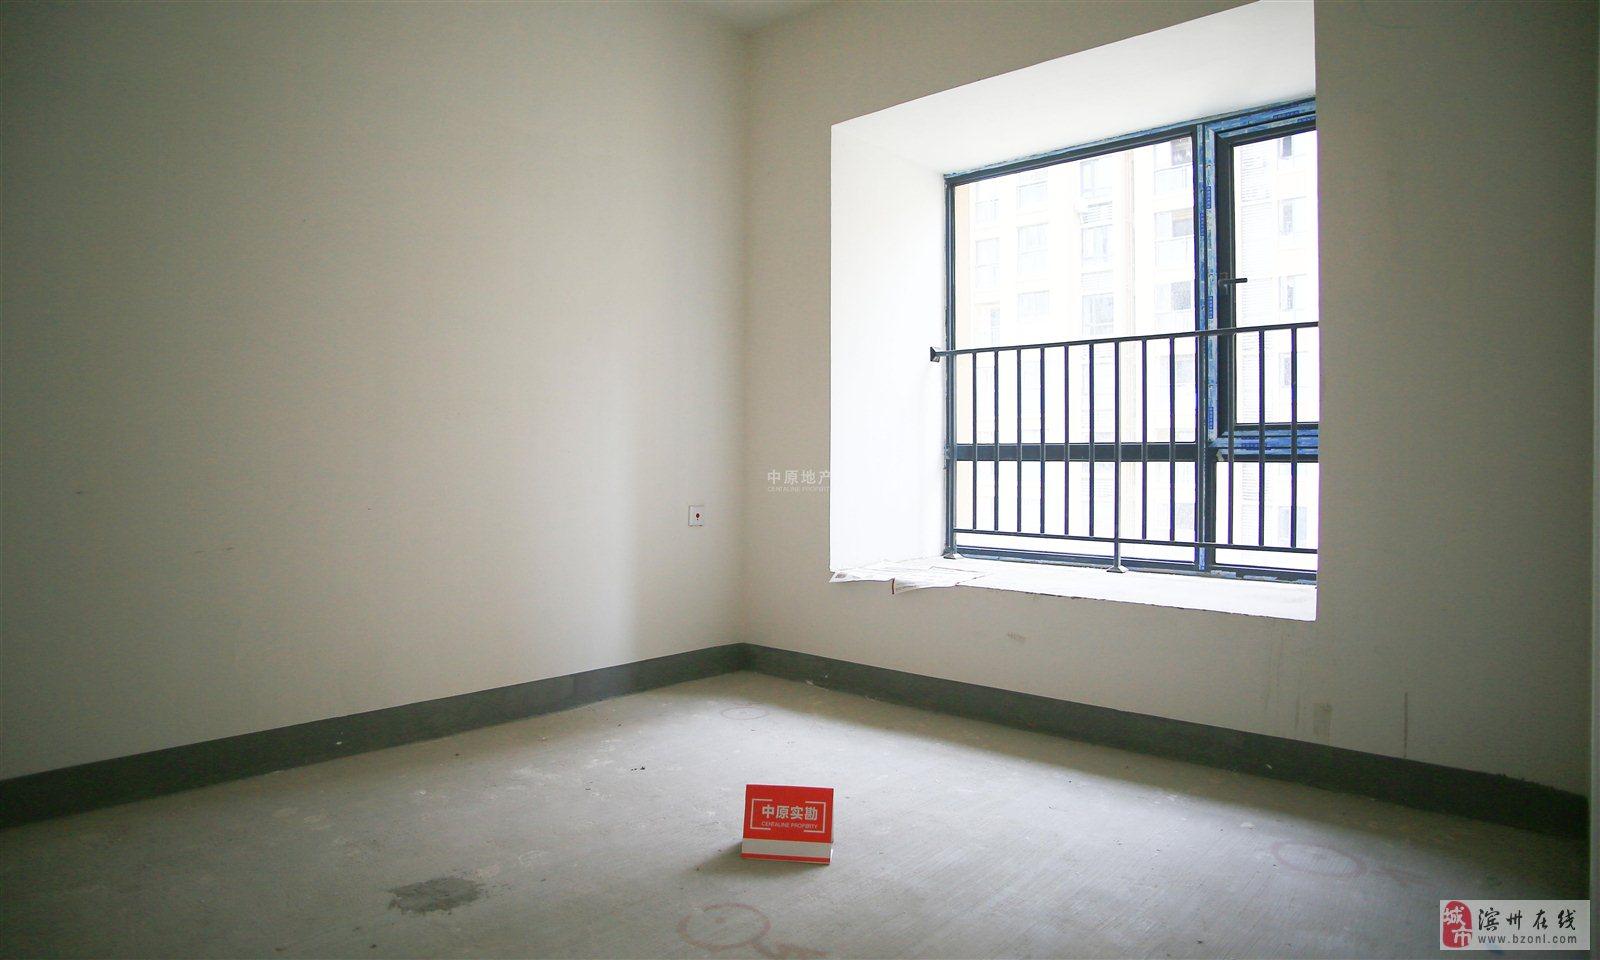 天泰华滨·胜利御园3室2厅1卫89万元